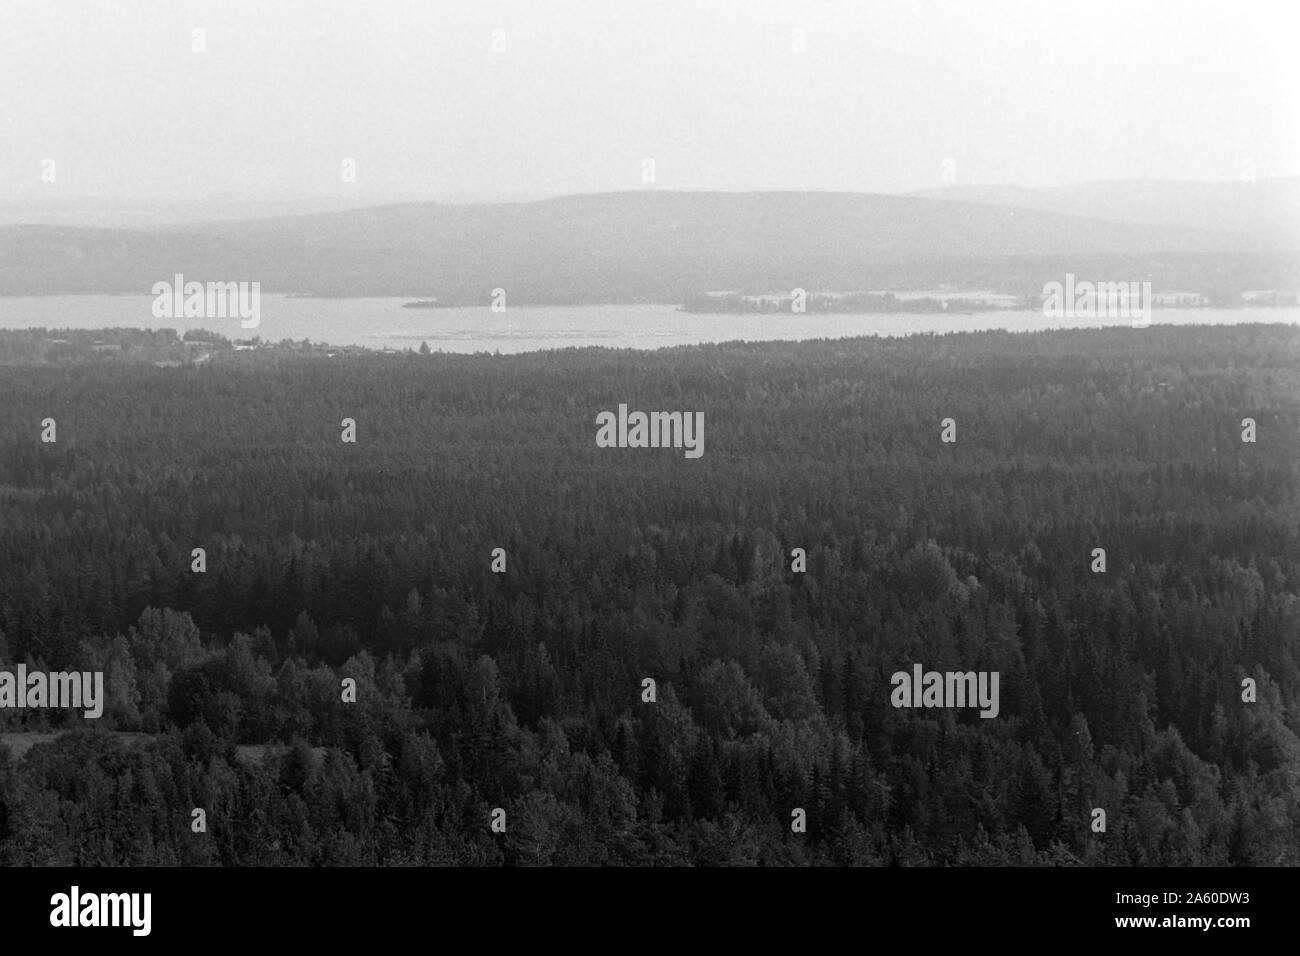 File:Dalarna, Siljansns. Bondgrd i Fornby. Teckning av